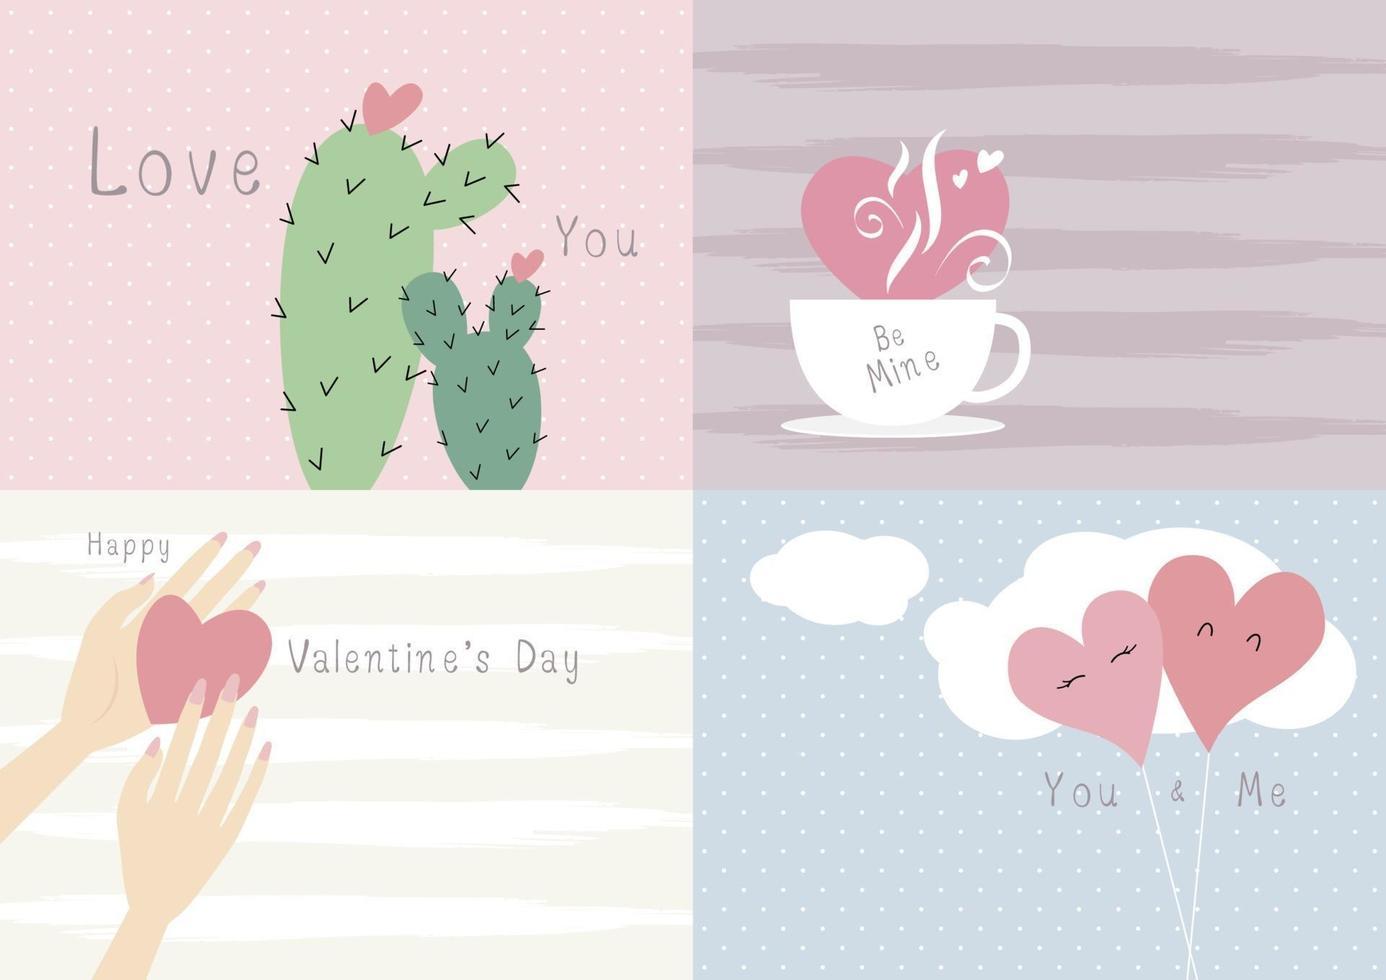 ilustração em vetor conceito amor cartão de dia dos namorados